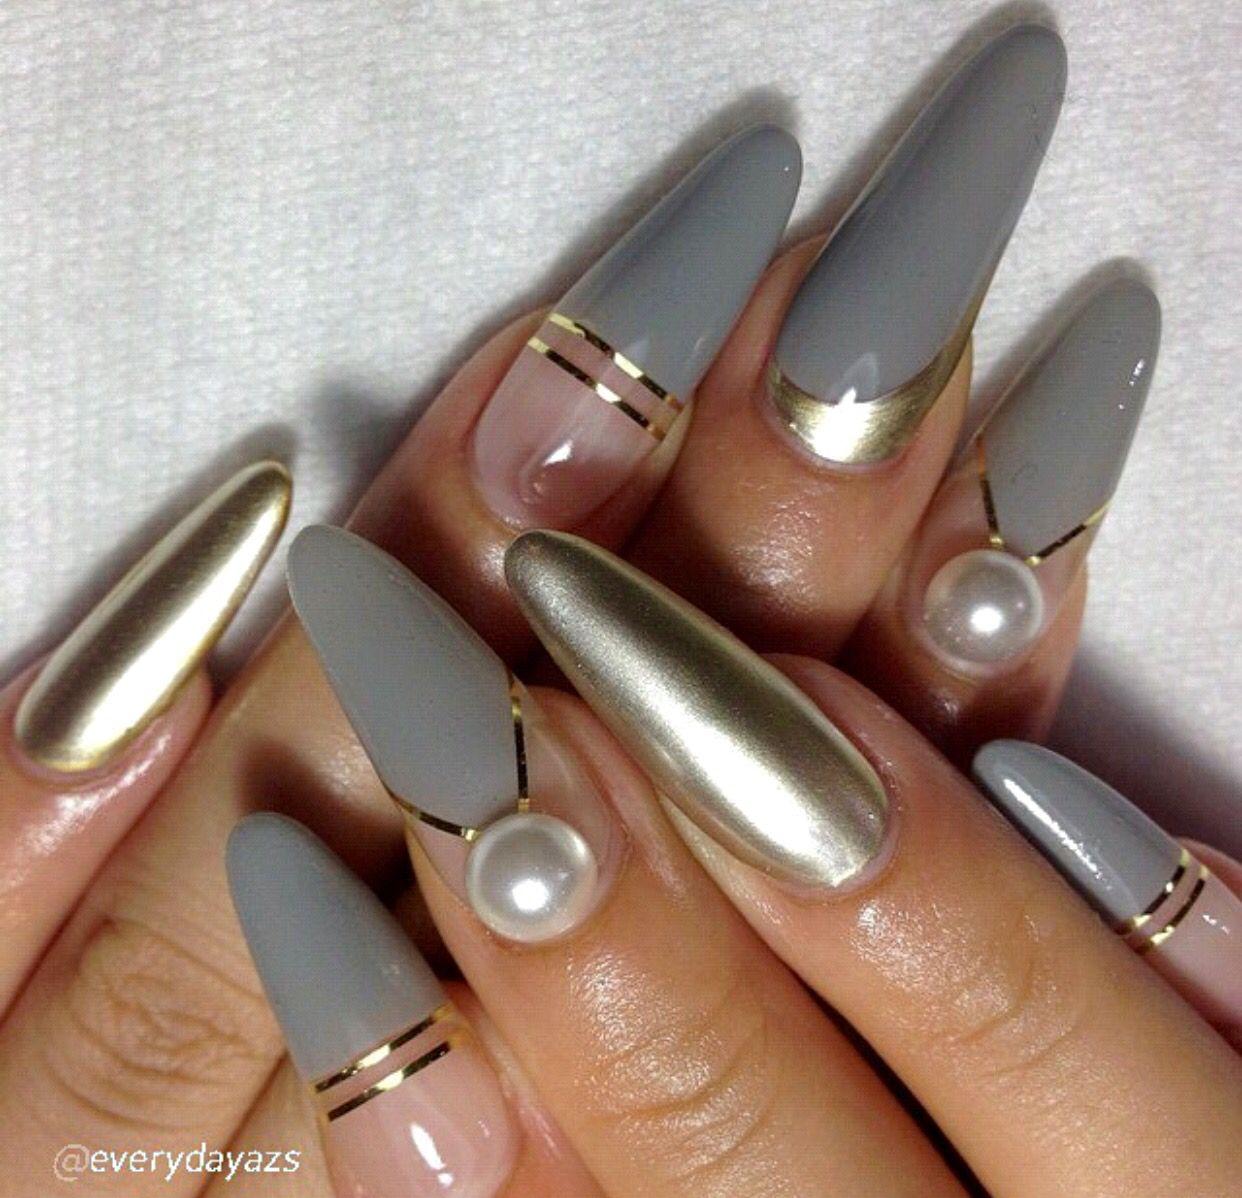 Chic Neon Nail Arts for Everyday | Nail nail, Makeup and Neon nail art